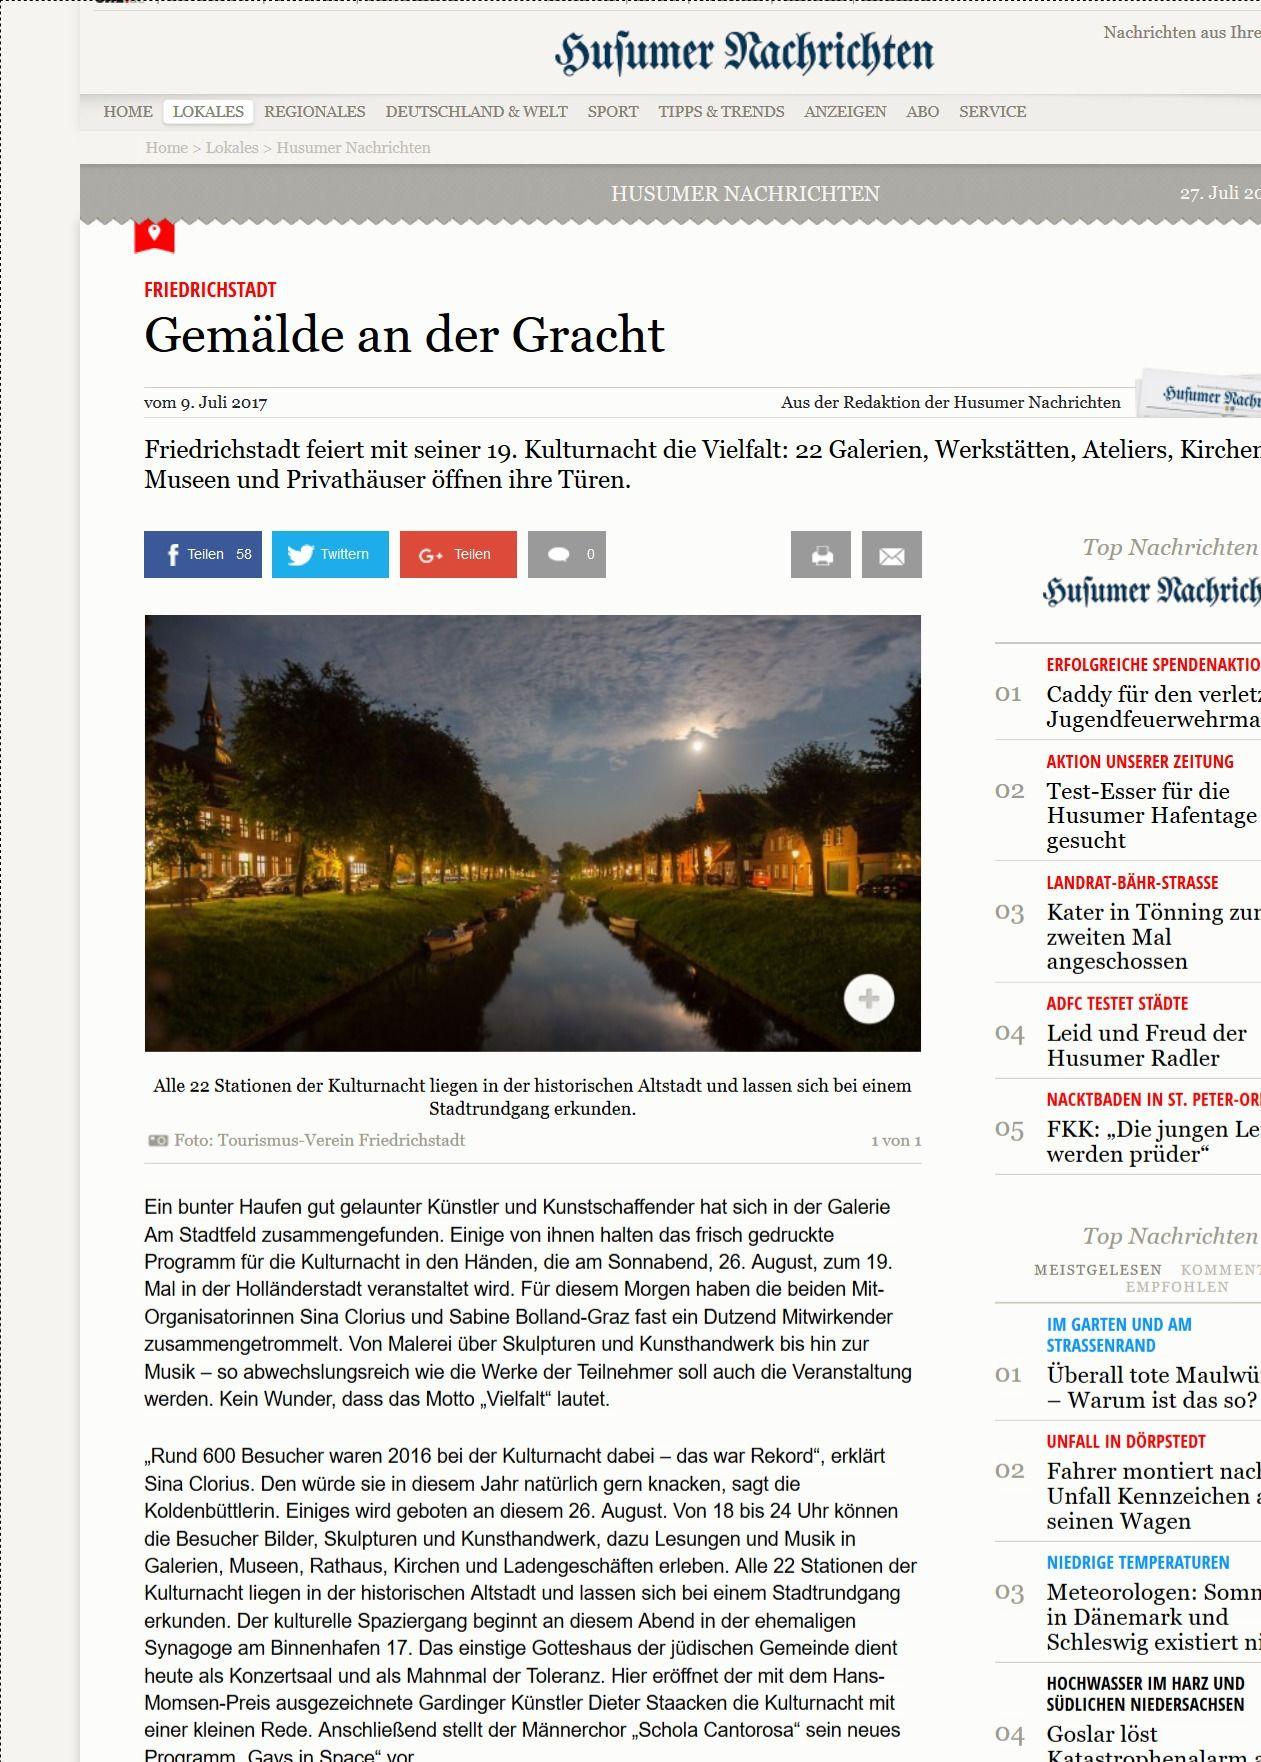 Friedrichstadt Gemälde an der Gracht shz.de